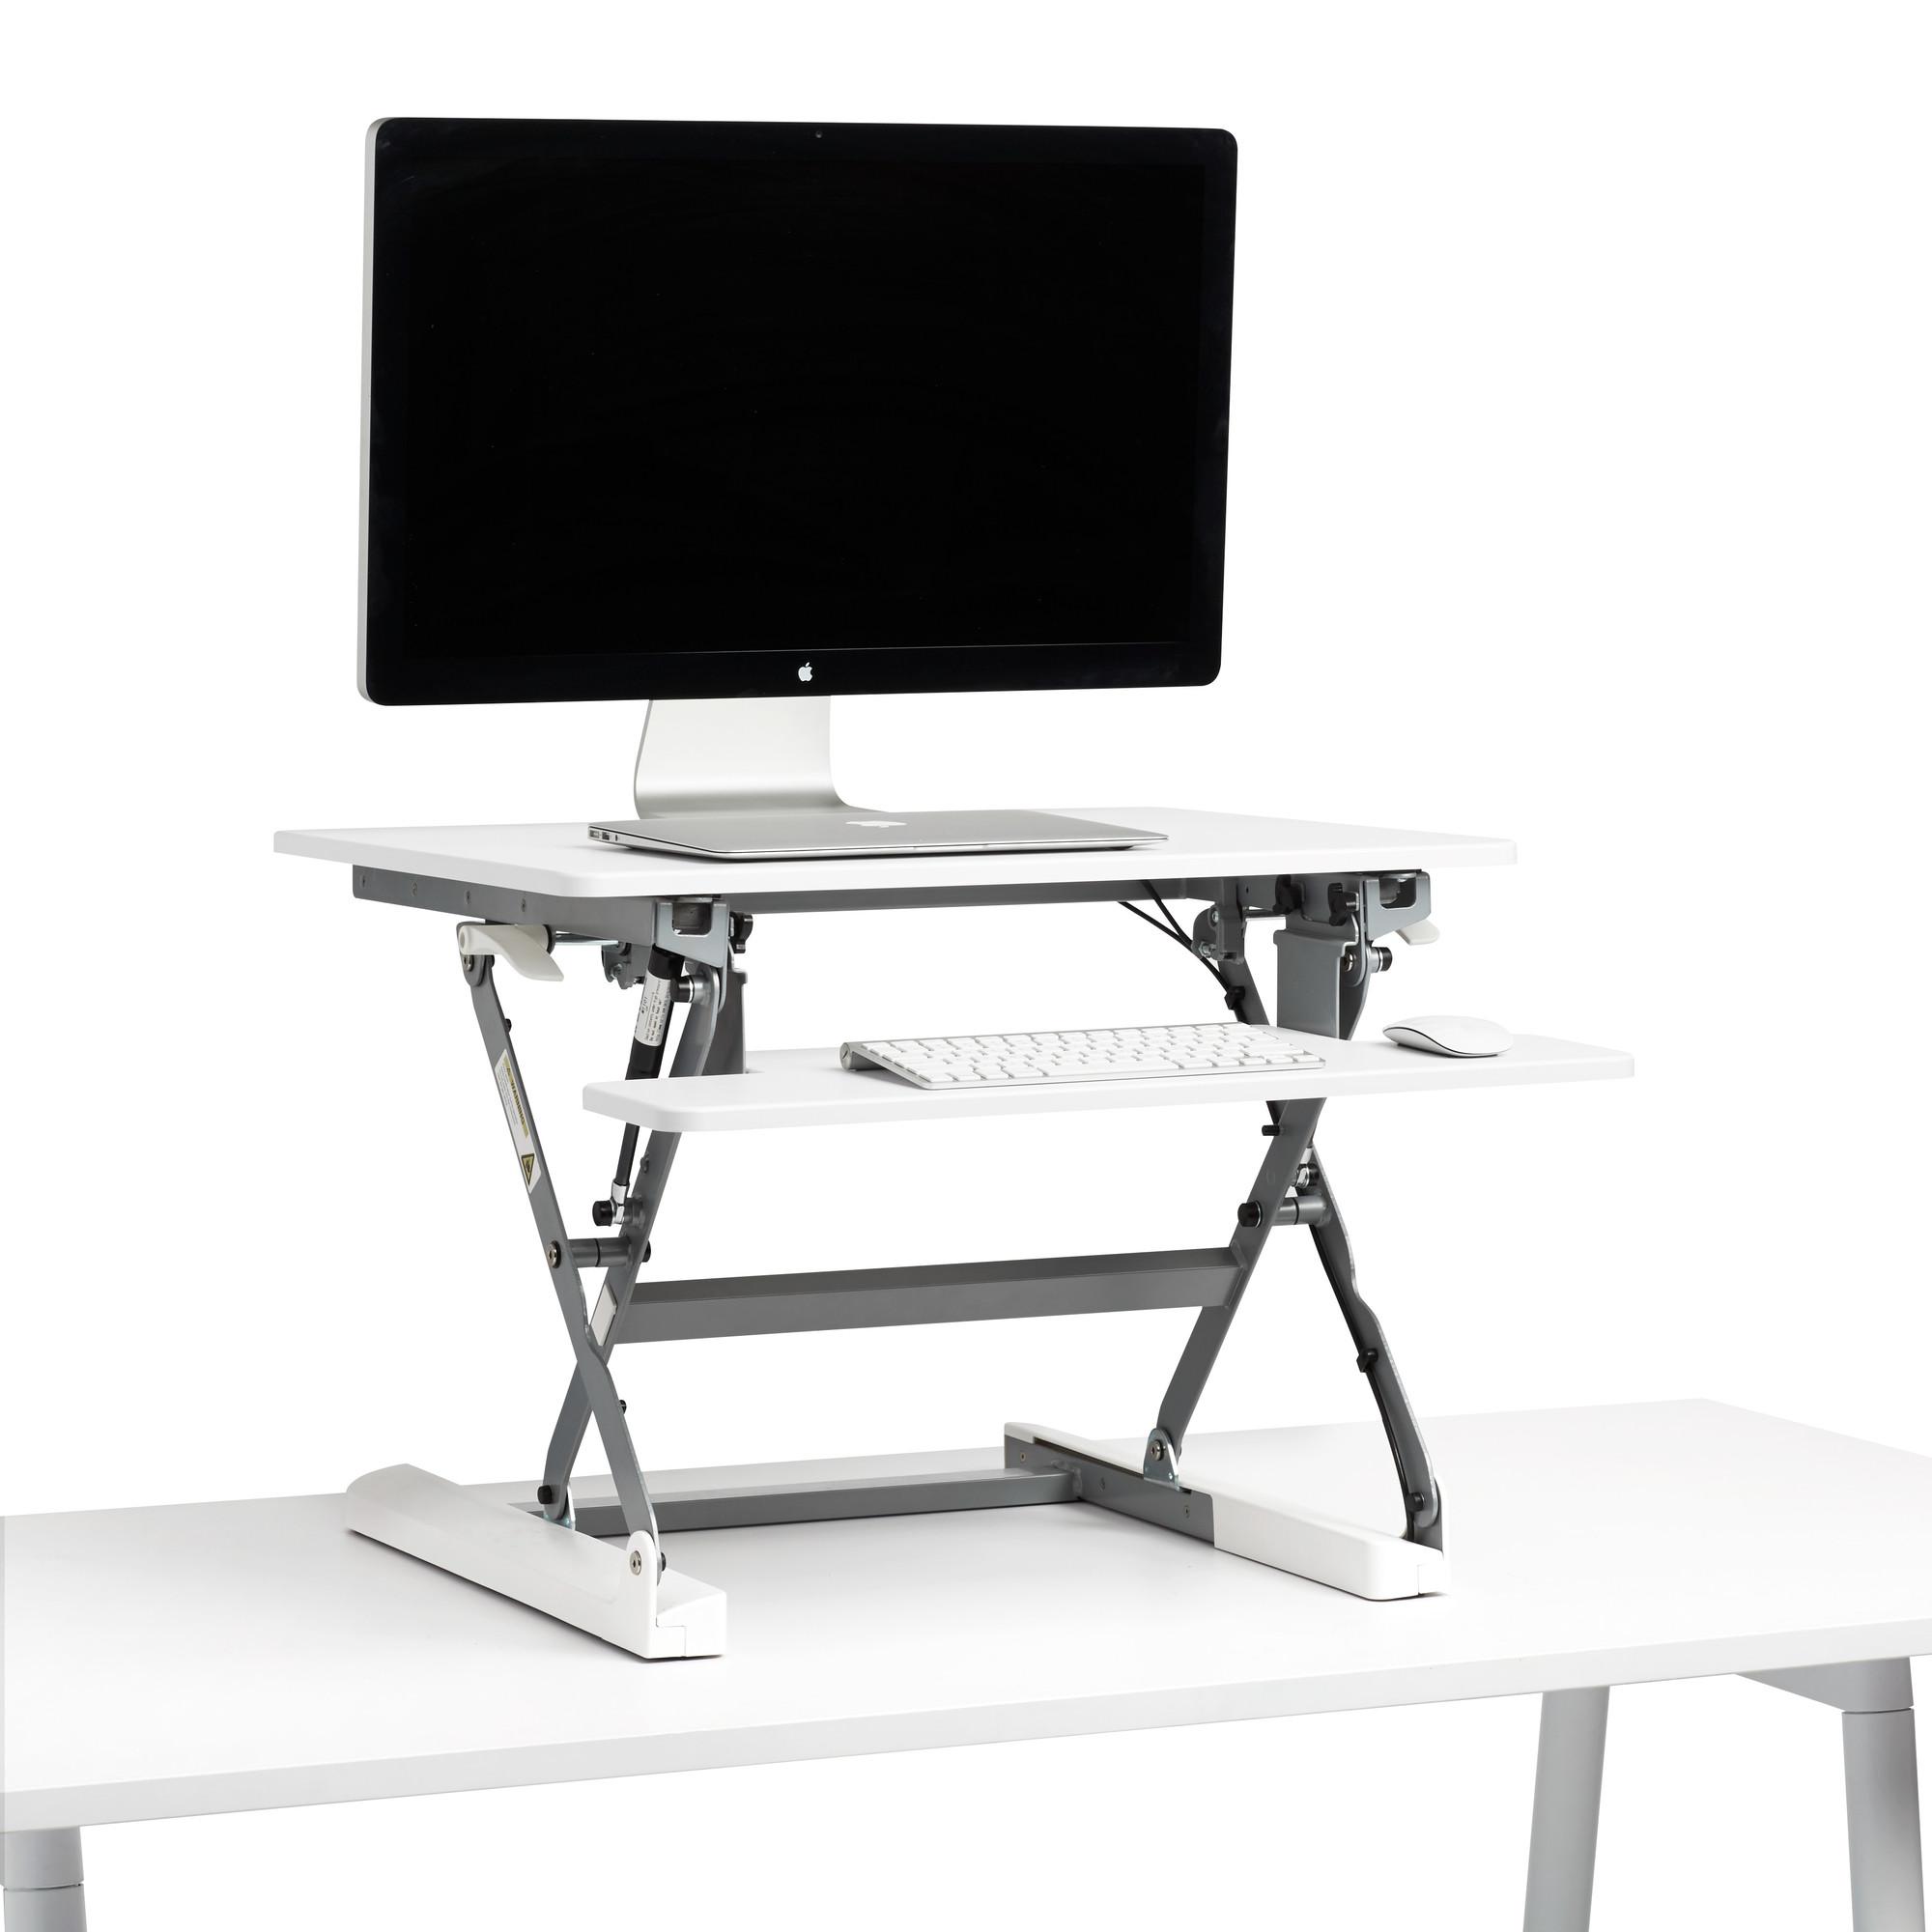 White Small Peak Adjustable Height Standing Desk Riser